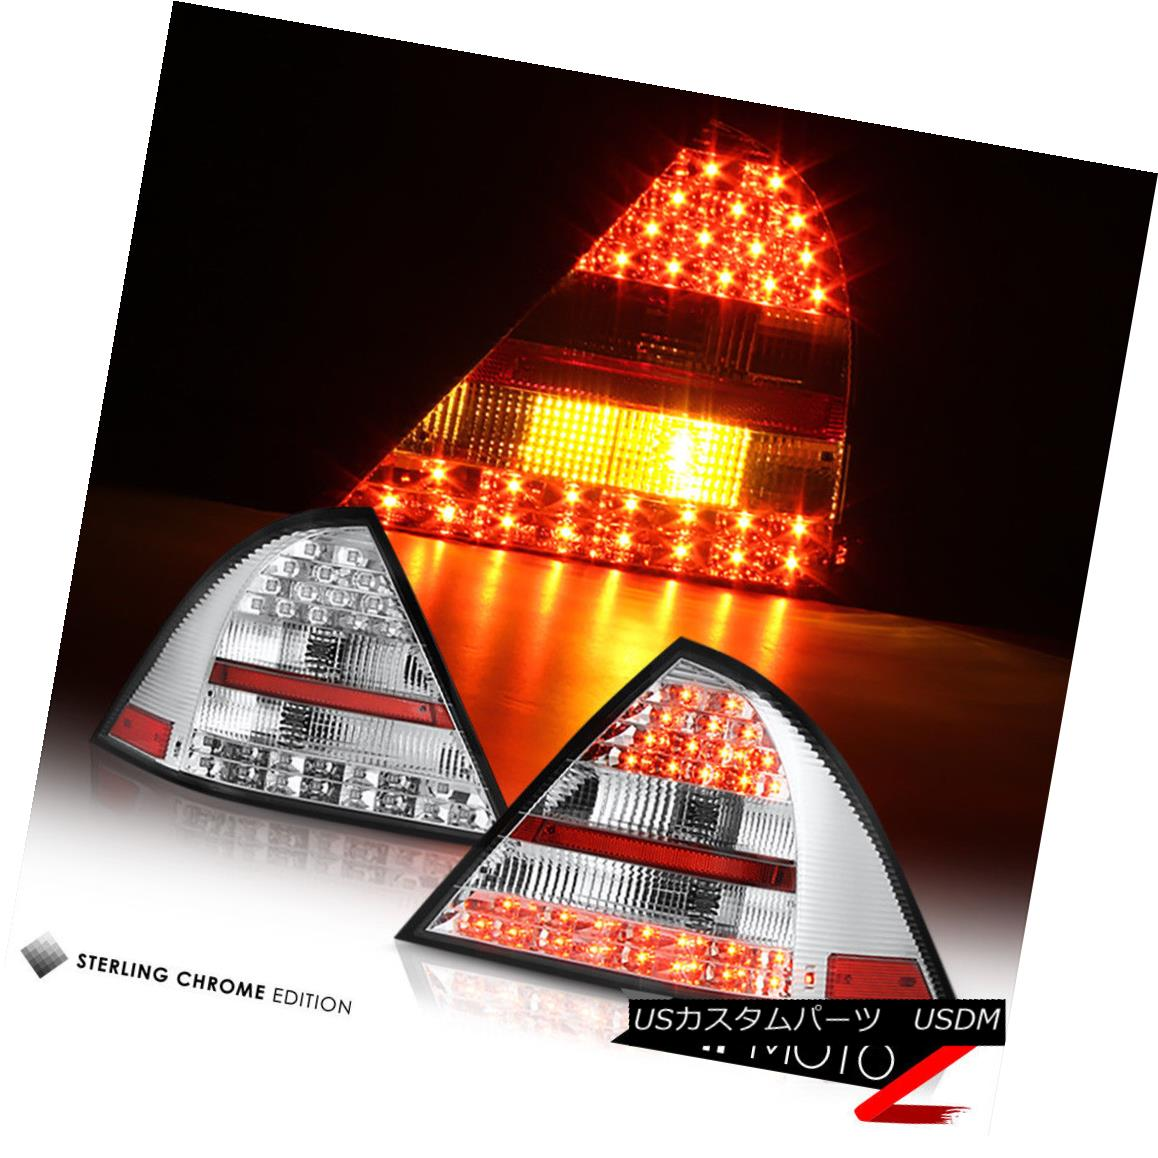 テールライト 05-07 M-BENZ C-CLASS C320 C230 Chrome Diamond LED Brake Signal Lamp Tail Light 05-07 M-BENZ C-CLASS C320 C230クロームダイヤモンドLEDブレーキ信号ランプテールライト